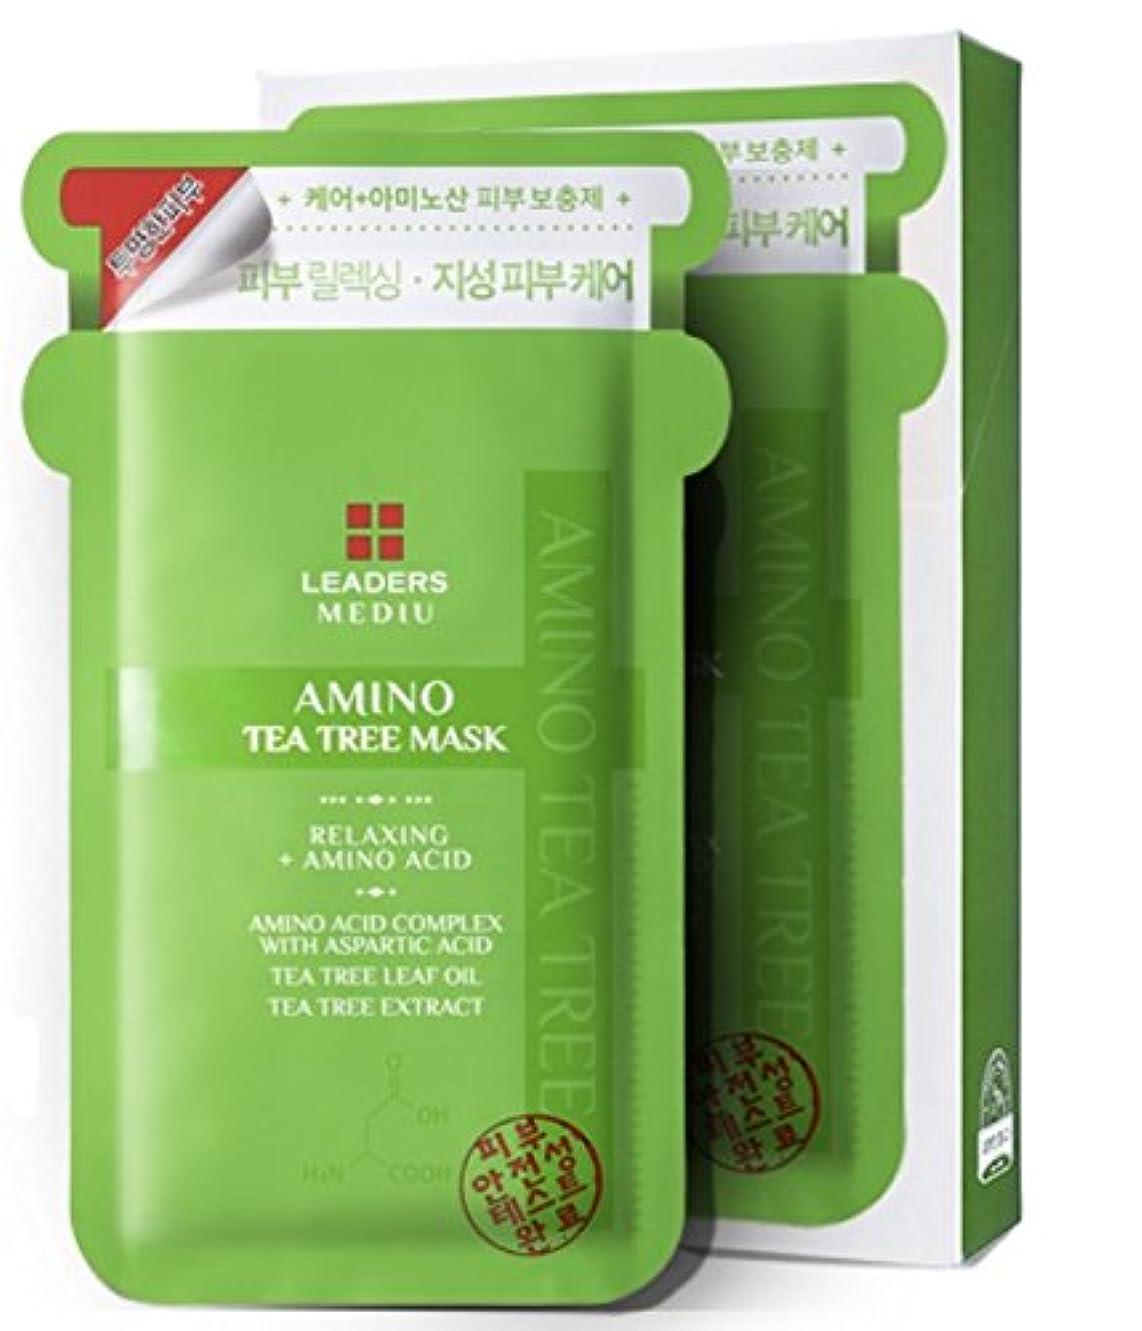 権限を与える束ねるダイエット[LEADERS] リーダーズメディ有アミノティーツリーマスク 25ml x10枚 (LEADERS MEDIU Amino Tea Tree Mask 25mlx10ea) [海外直送品]